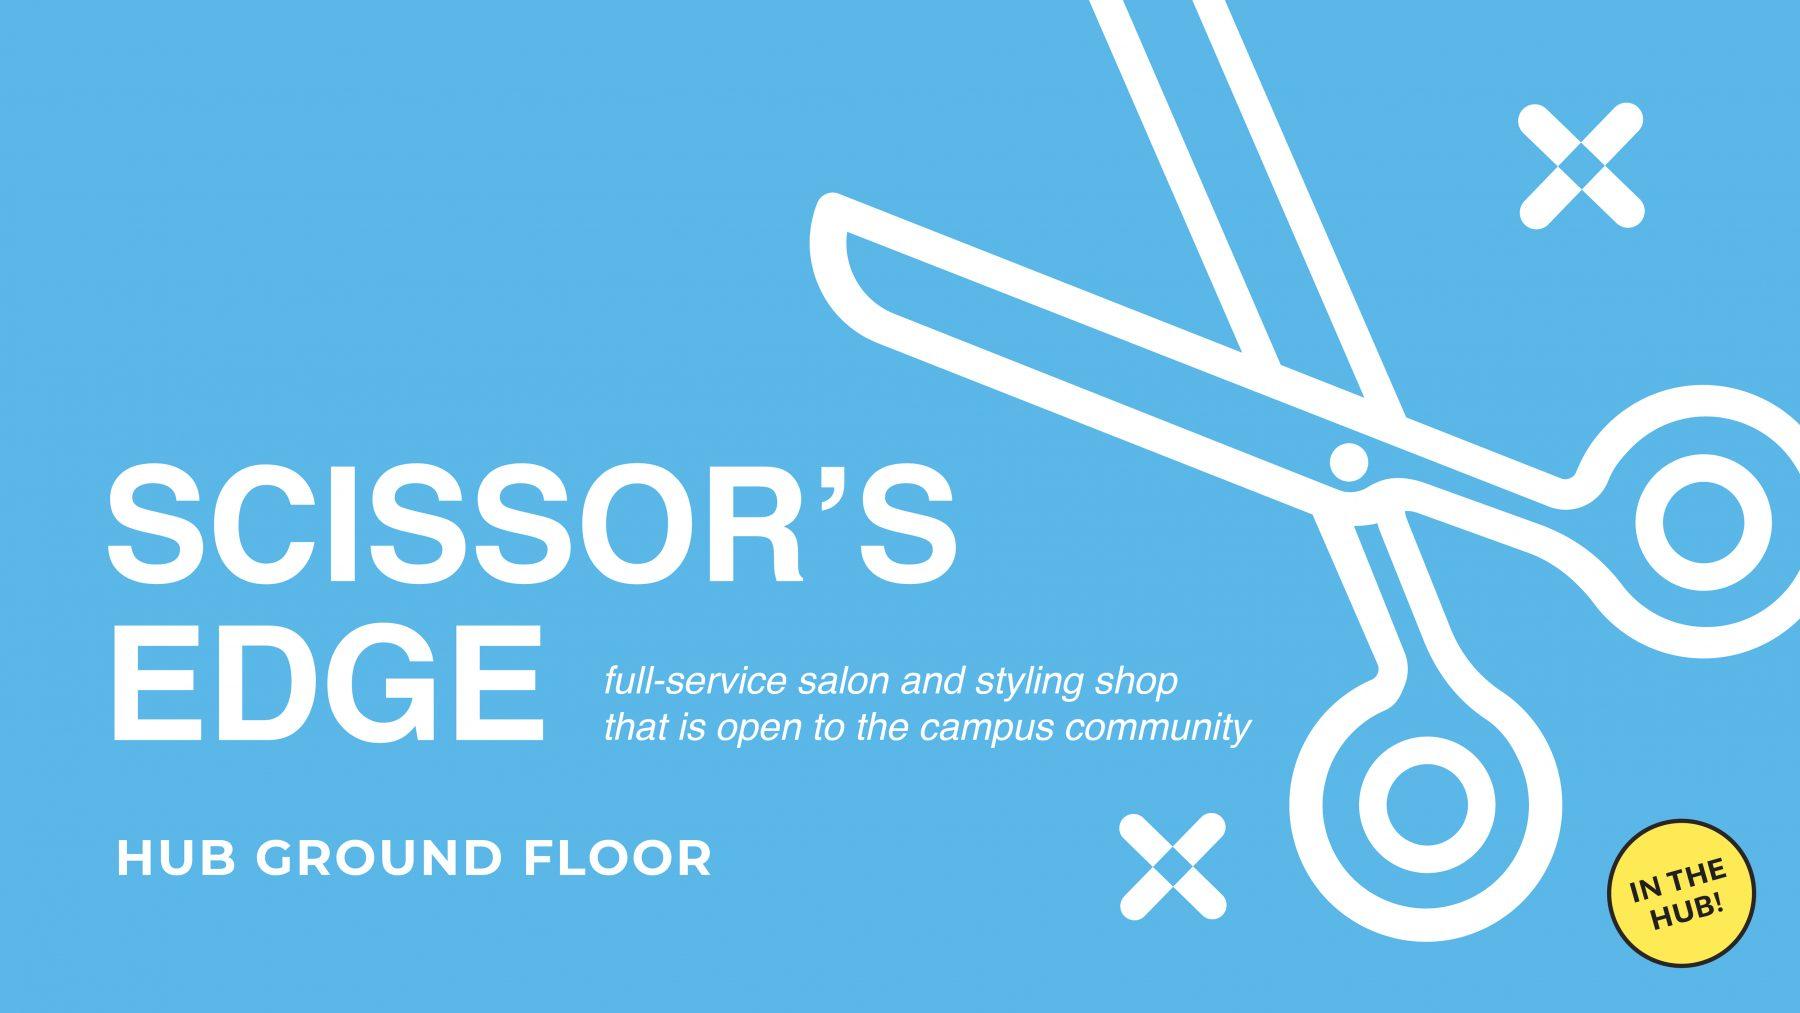 hub digital displays_scissors